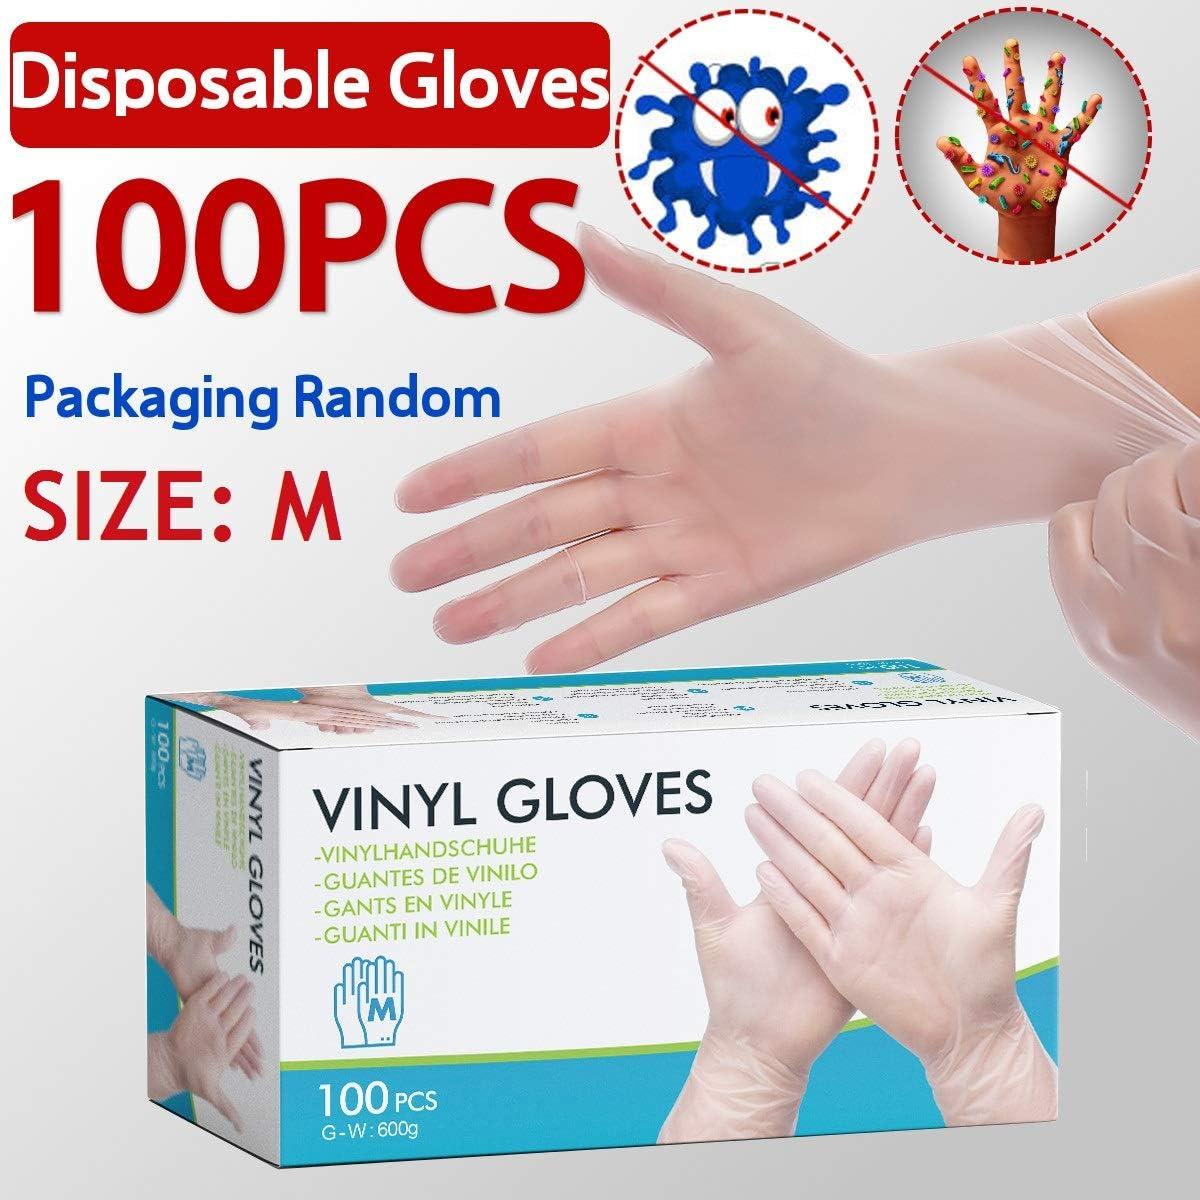 Taille EIVOTOR Gants St/ériles Gants de Protection Gloves pour Alimentaire Cuisine Restaurant Beaut/é Coiffure Jardin Gants Jetables en PVC 100 PCS XL Blanc Transparent